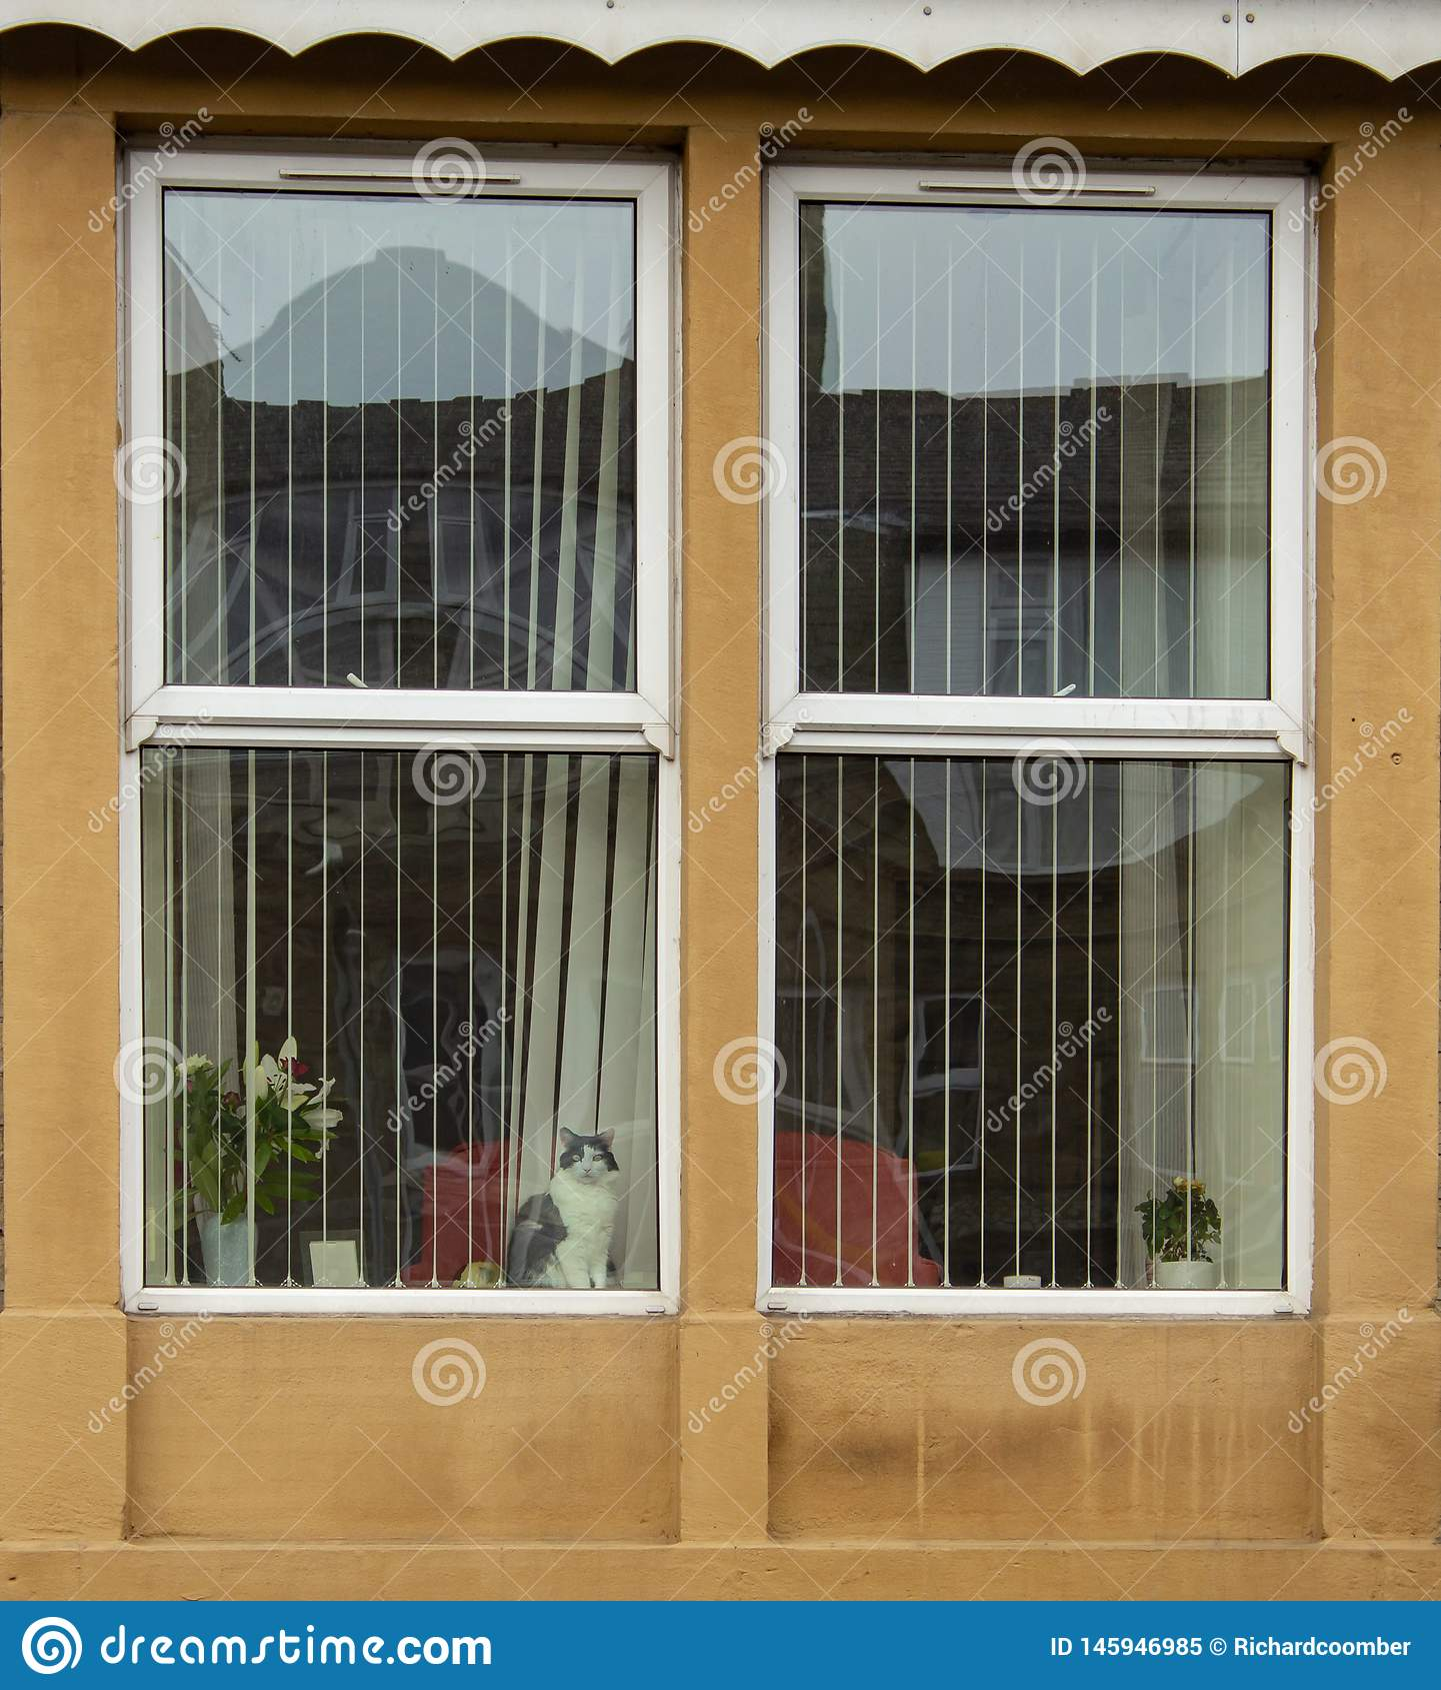 Μια γάτα κοιτάζει επίμονα από το παράθυρο, προσέχοντας τον κόσμο περάστε